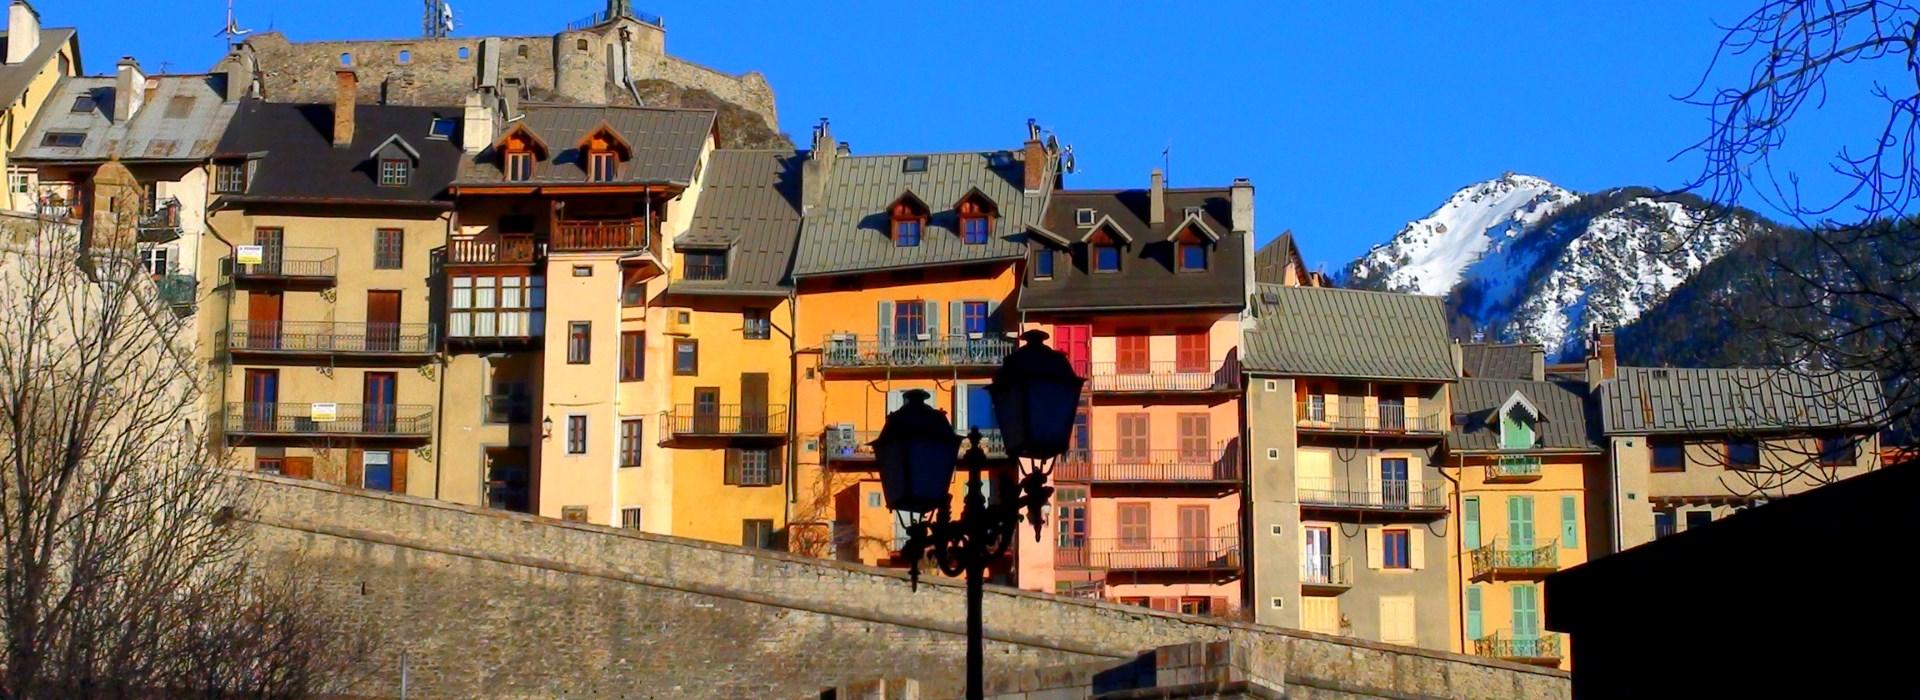 Des séjours mémorables à Briançon pendant vos vacances d'hiver